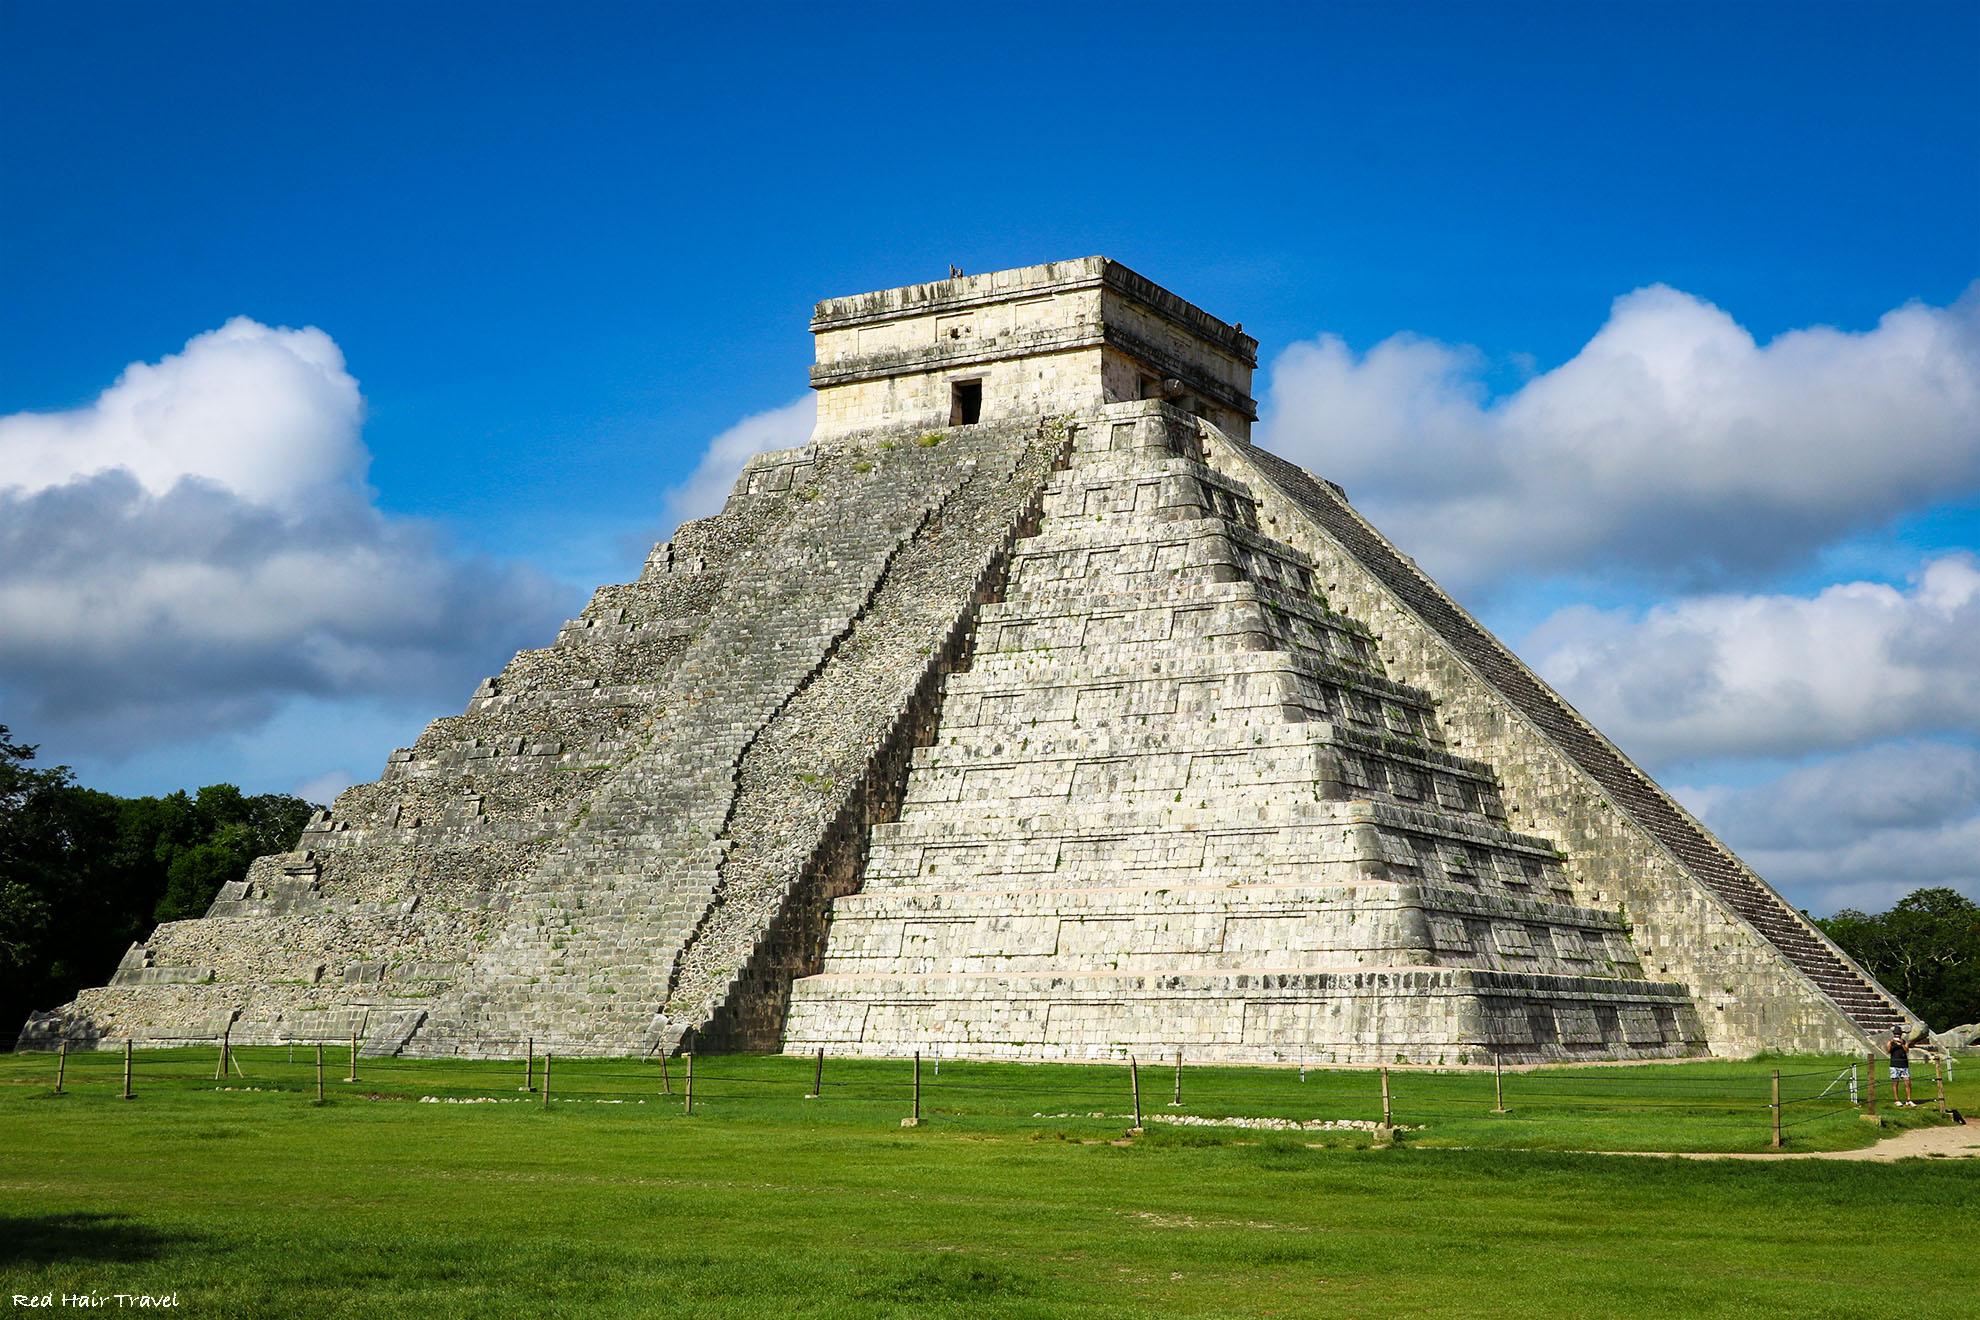 Чичен-Ица (Chichén Itzá): стоит ли брать экскурсию?